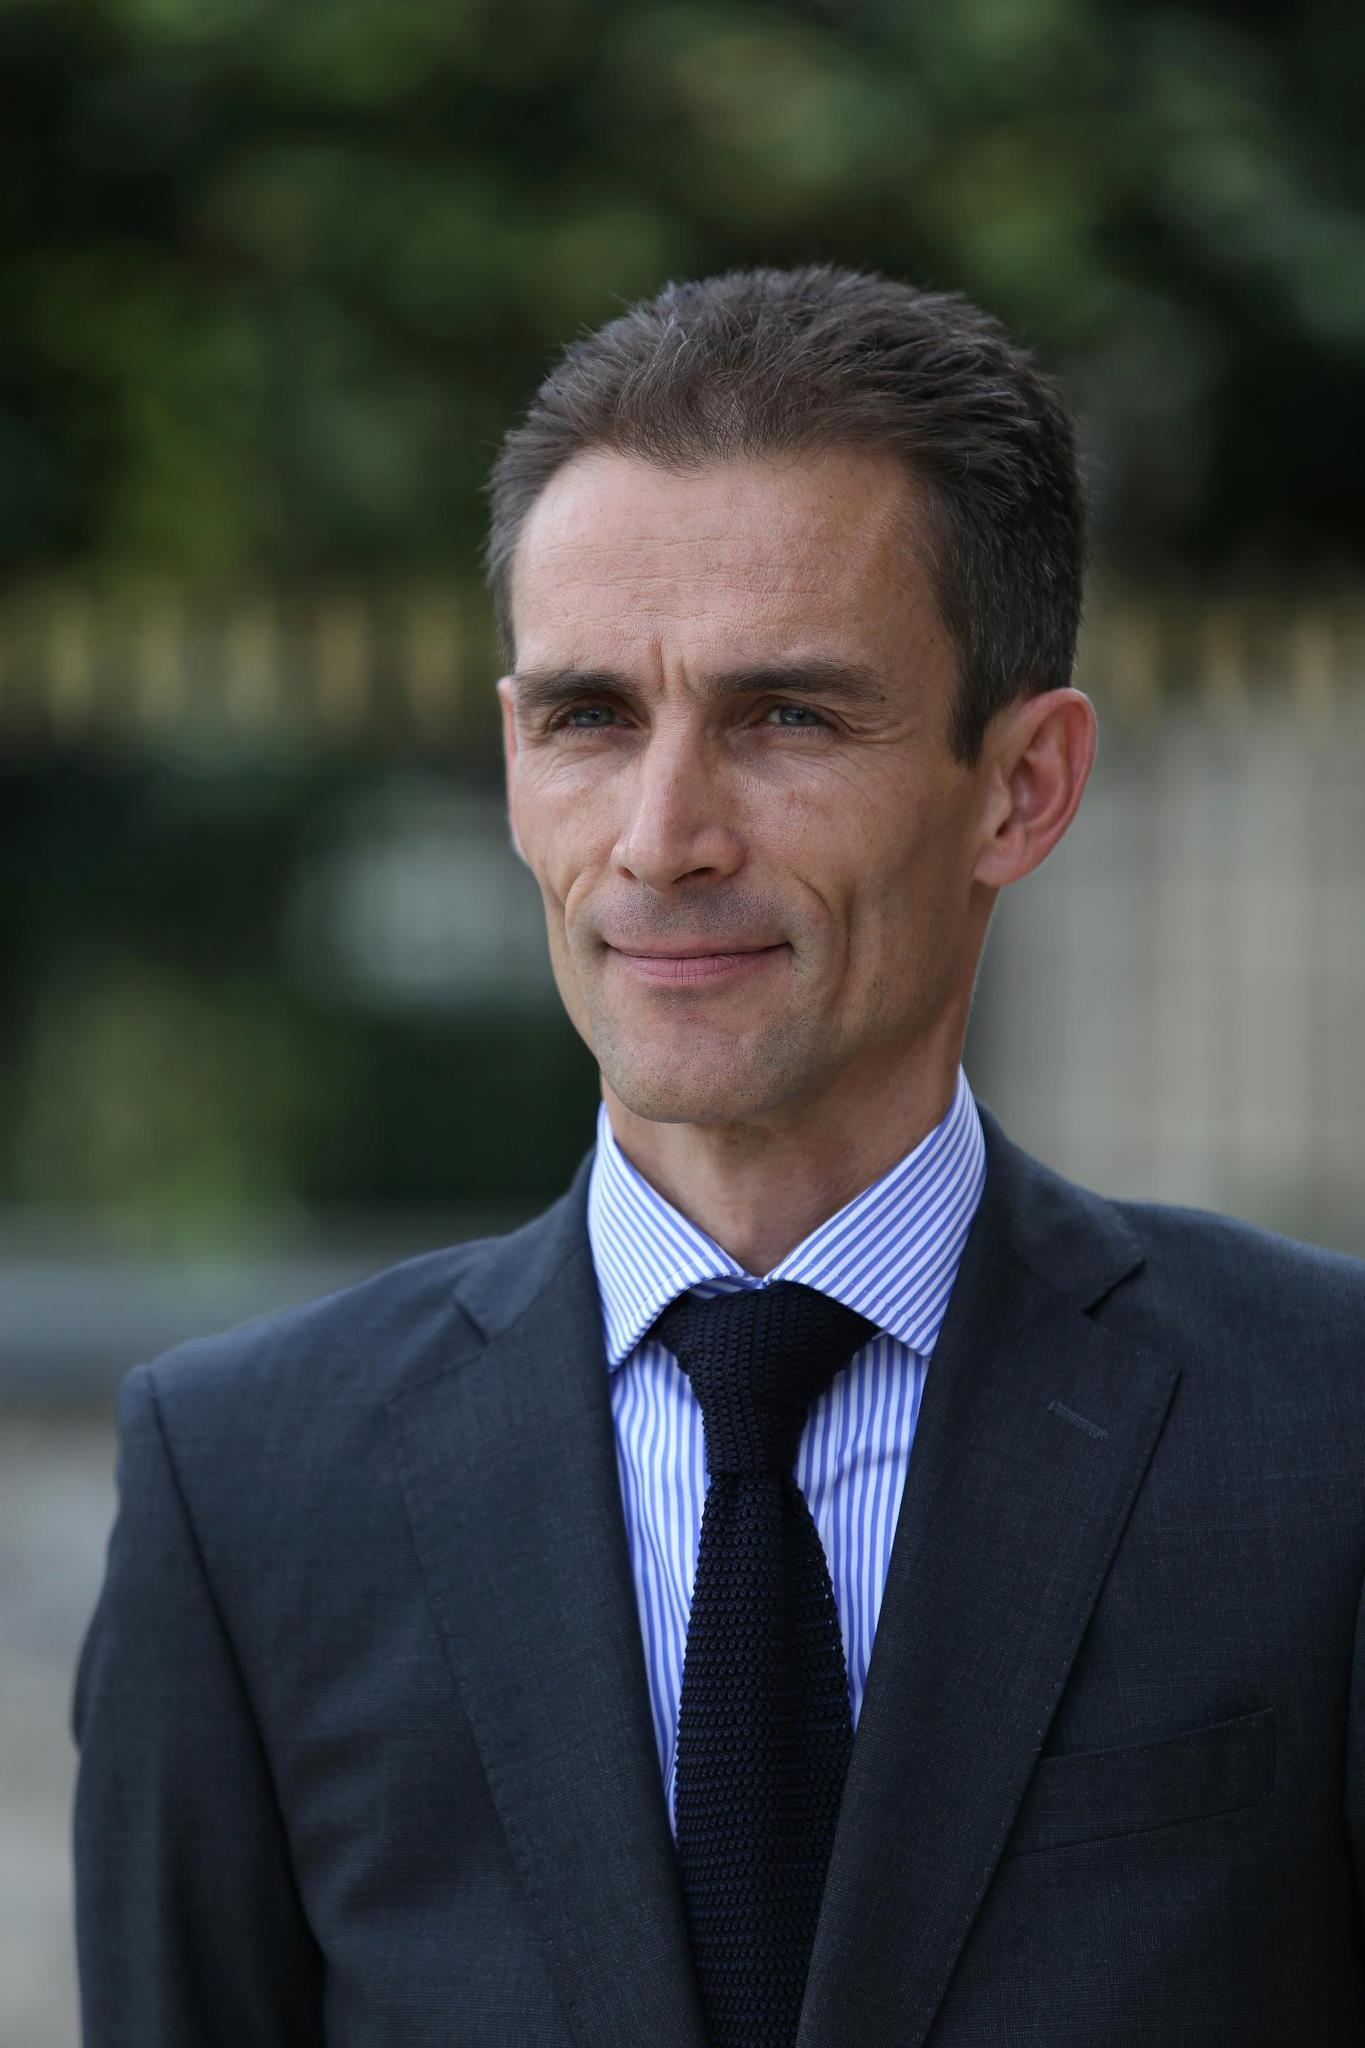 Son Excellence Monsieur Philippe LALLIOT, le nouvel Ambassadeur de France au Sénégal a pris fonction aujourd'hui.